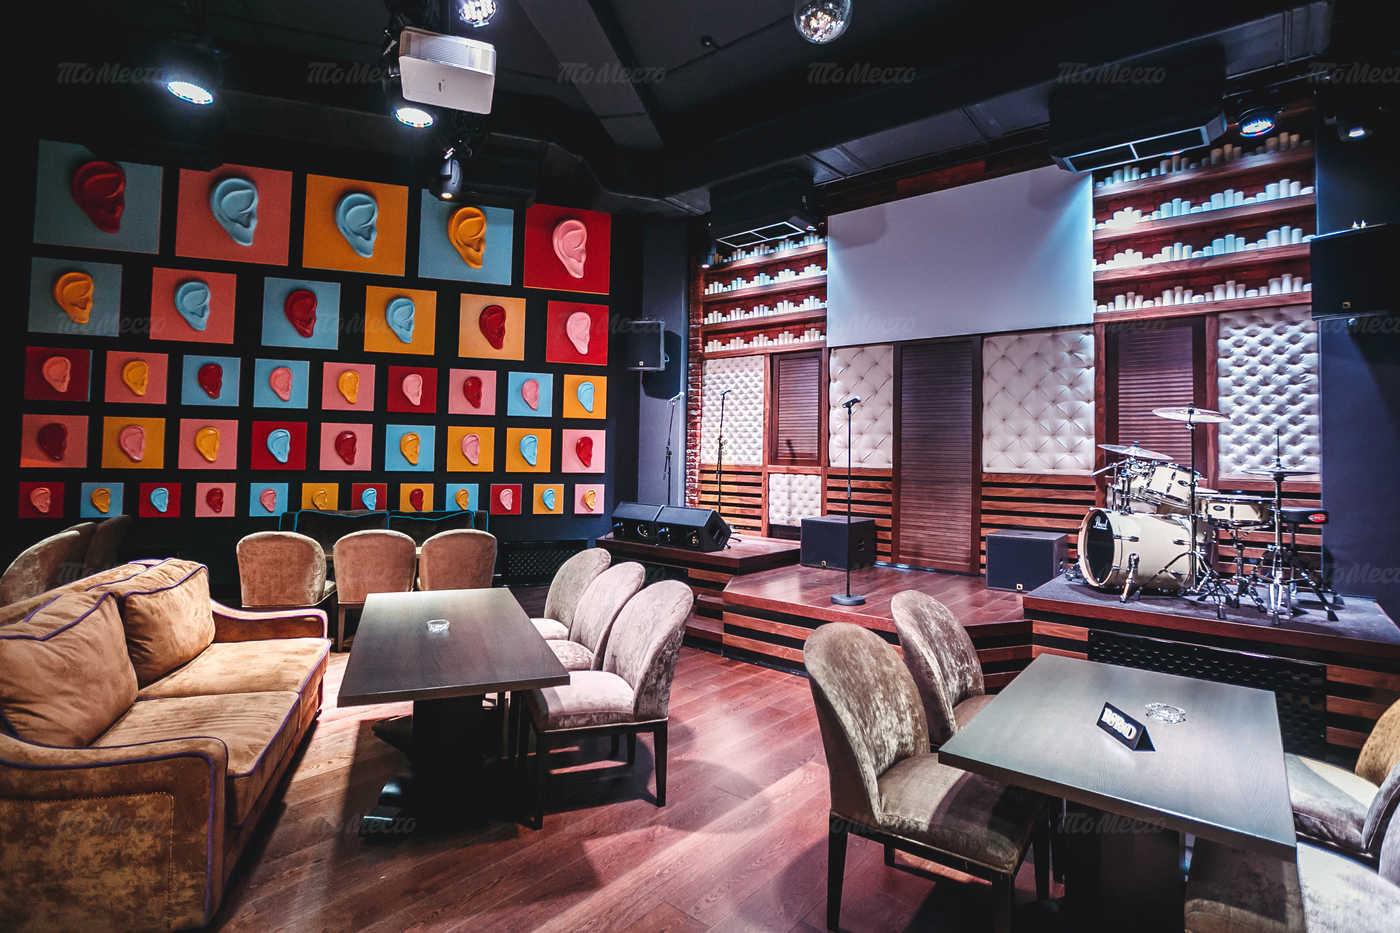 Меню бара, караоке клуба Karaoke Studio (Караоке студио) на улице Черняховского